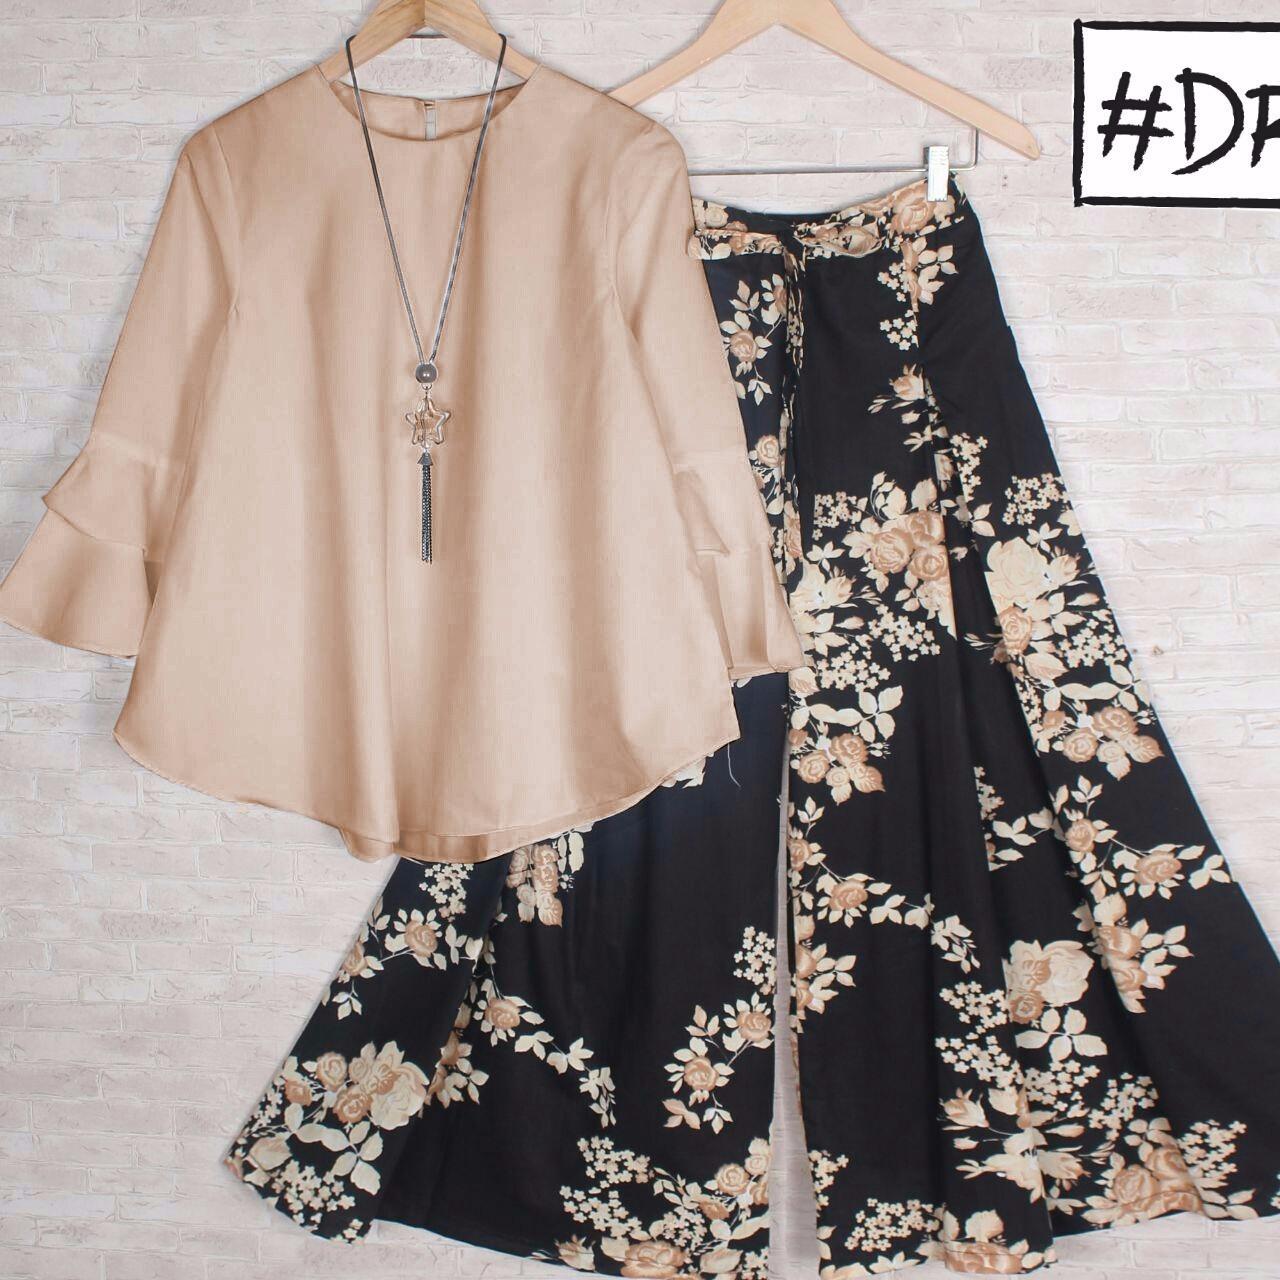 RULIVA - stelan kulot katun jepang BATIK ARETA celana kulot dan blouse ATASAN setelan kulot wanita kekinian motif bunga batik set kulot celana kulot hijab